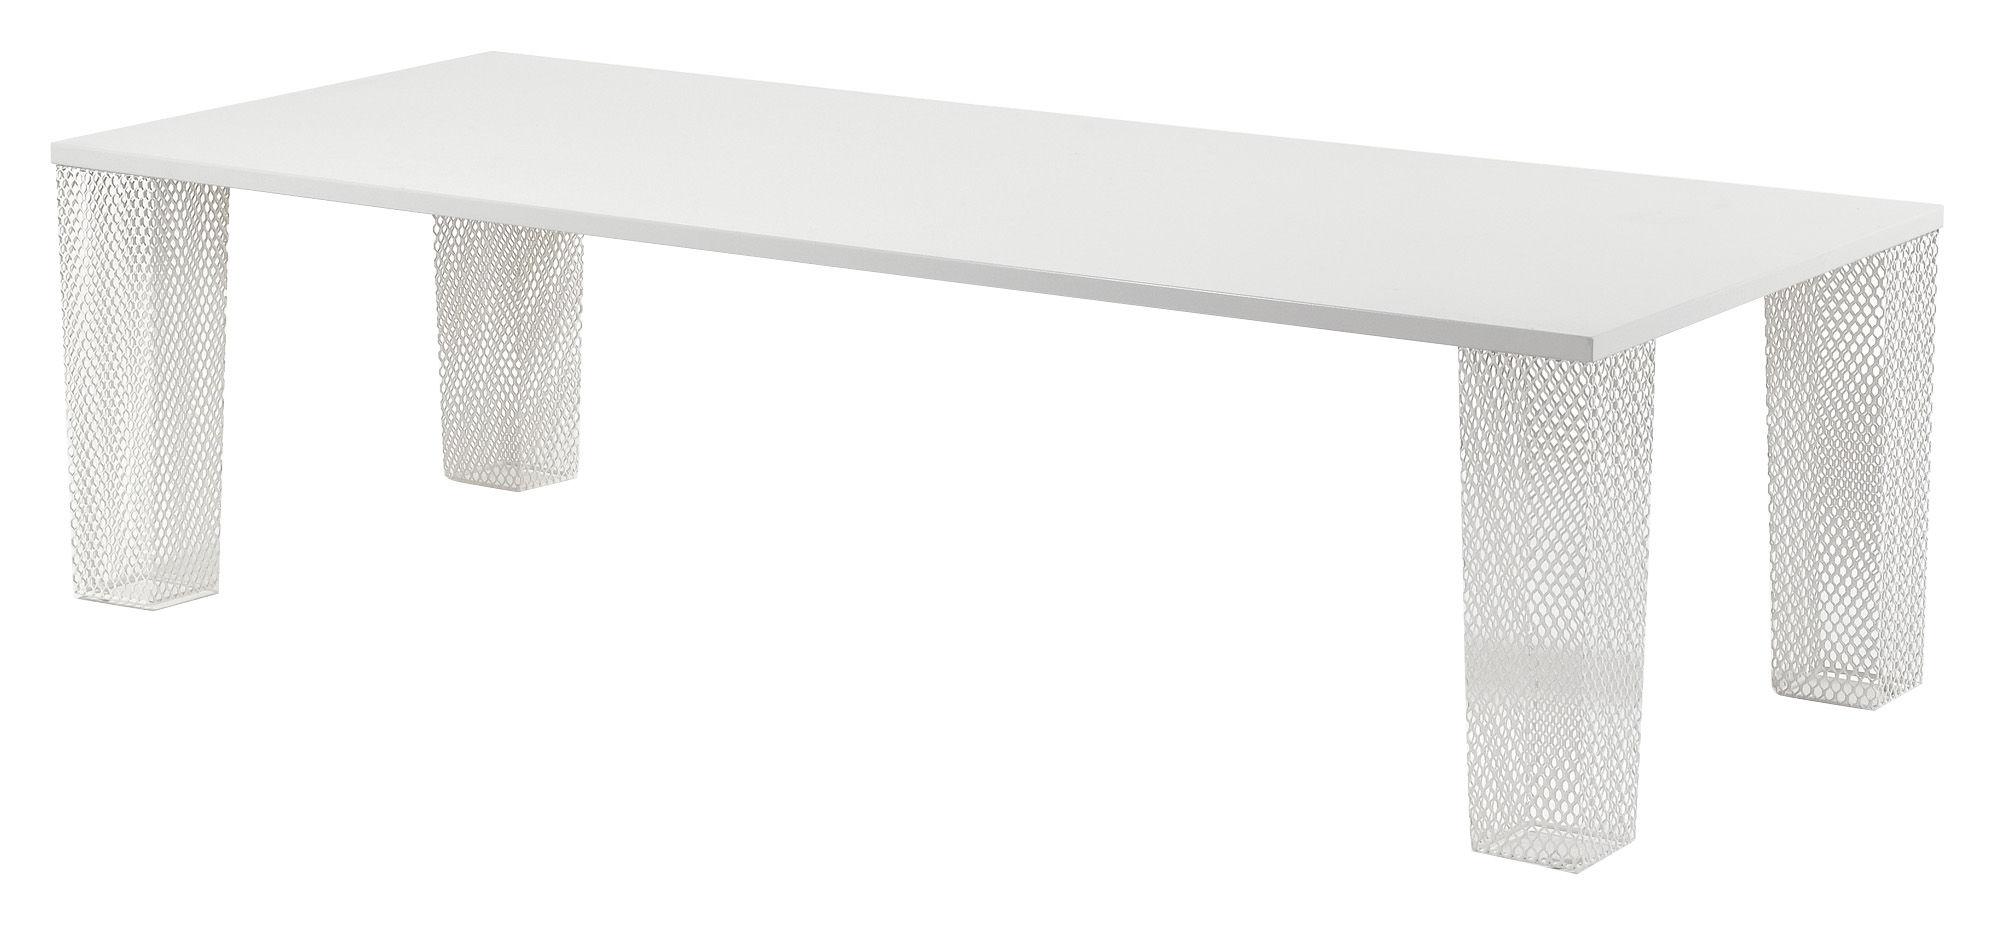 Outdoor - Tables de jardin - Table rectangulaire Ivy / Tôle - 274 x 113 cm - Emu - Blanc - Acier